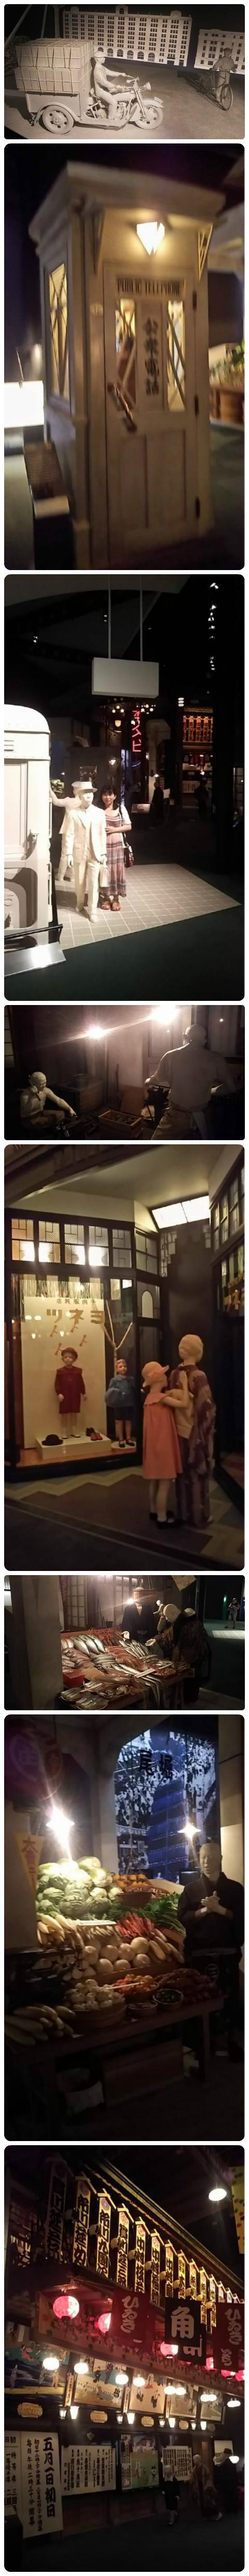 平成29年9月3日大阪歴史博物館え